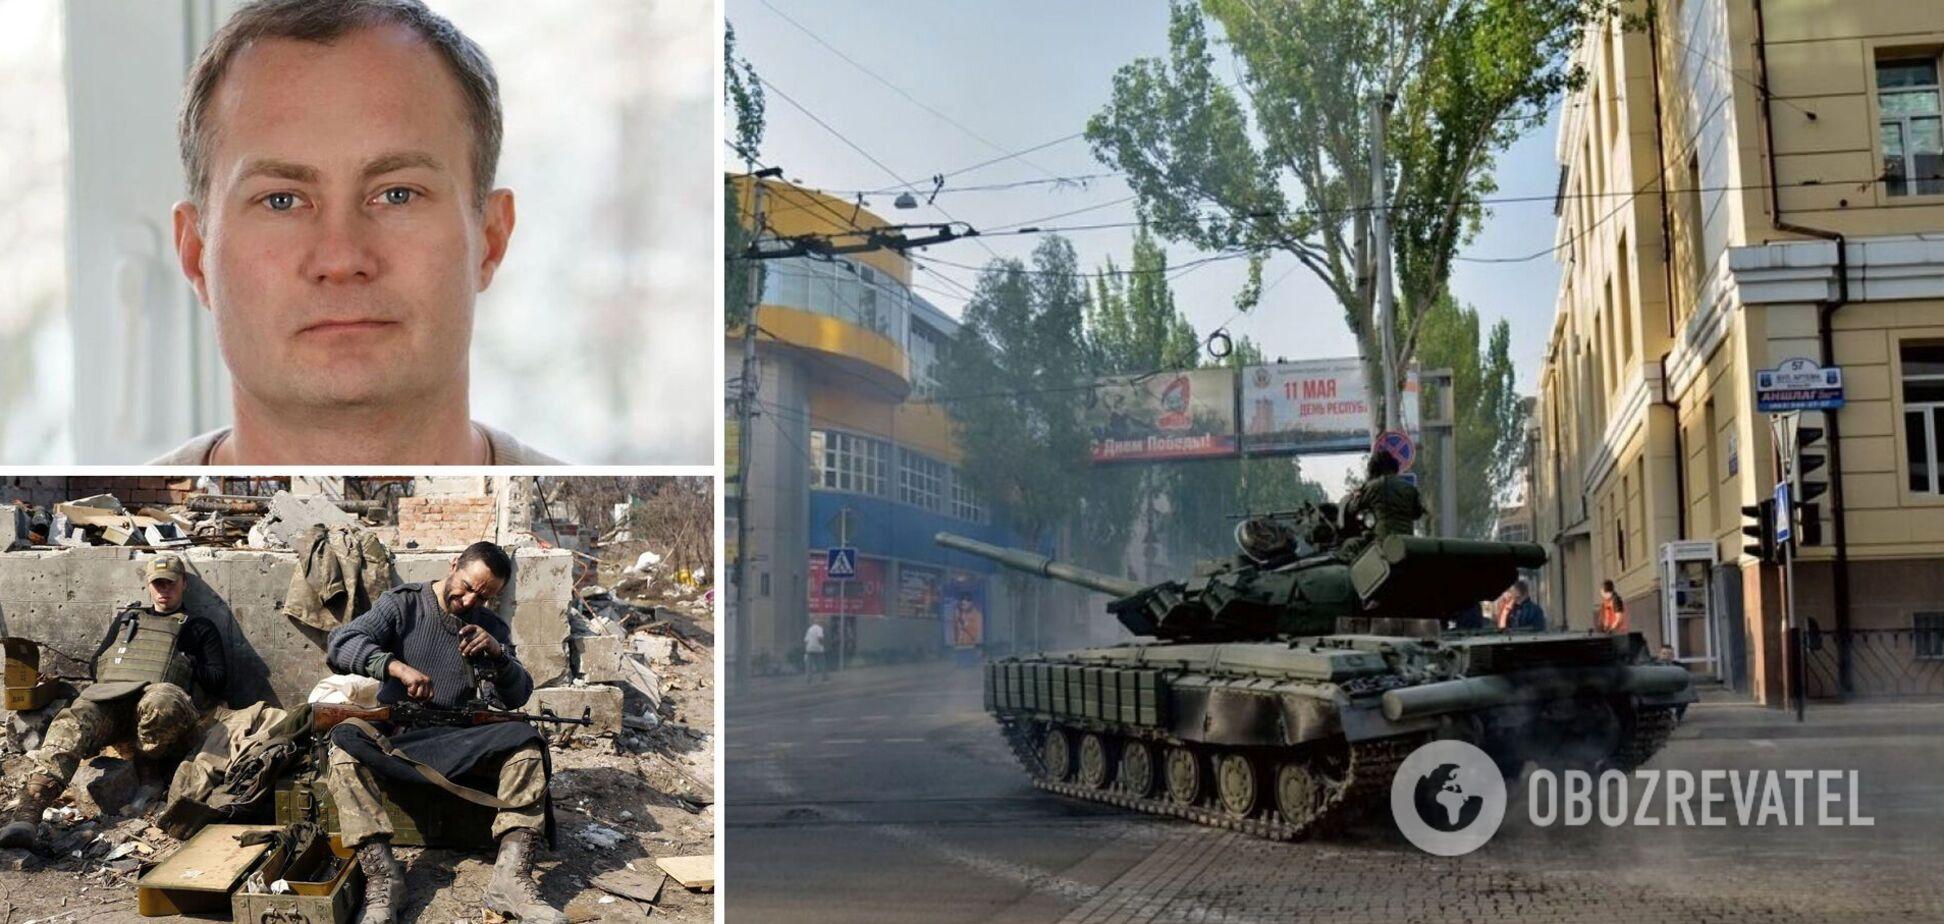 Сергій Гармаш вважає, що Росія доводить Мінський процес до абсурду